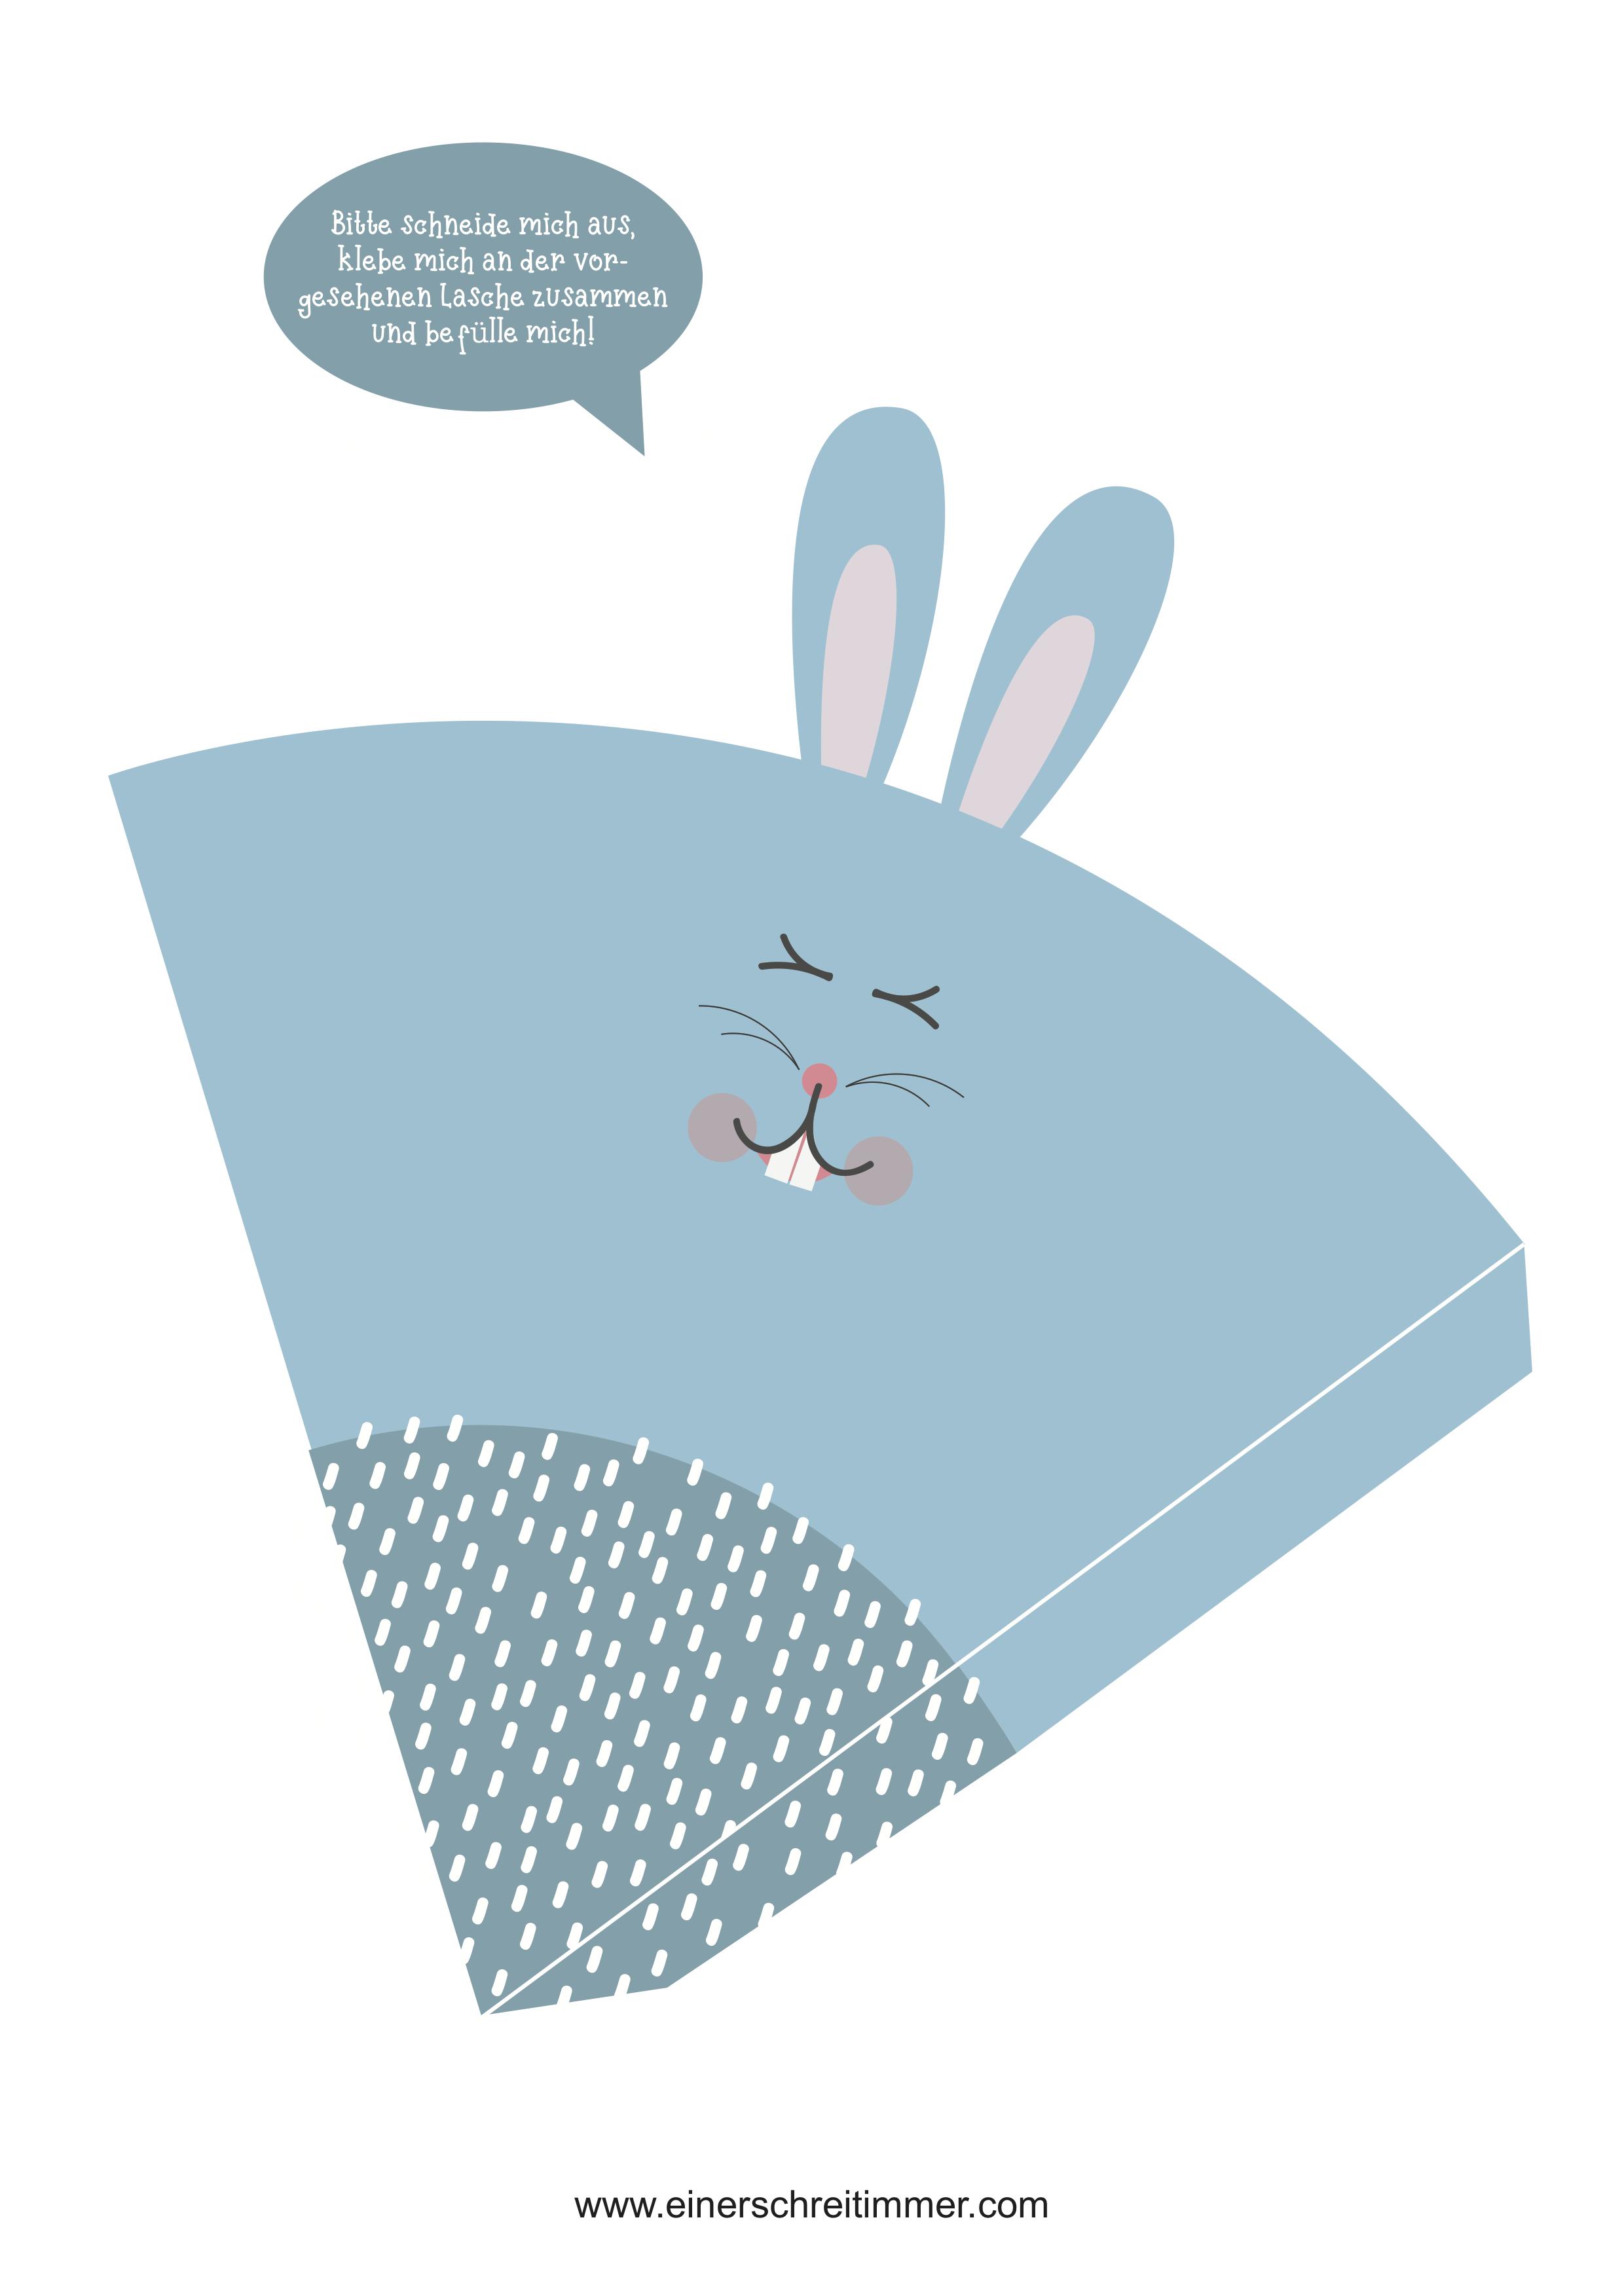 Ostertüte Hase Freebie gratis Download Ostern Osternest Einerschreitimmer